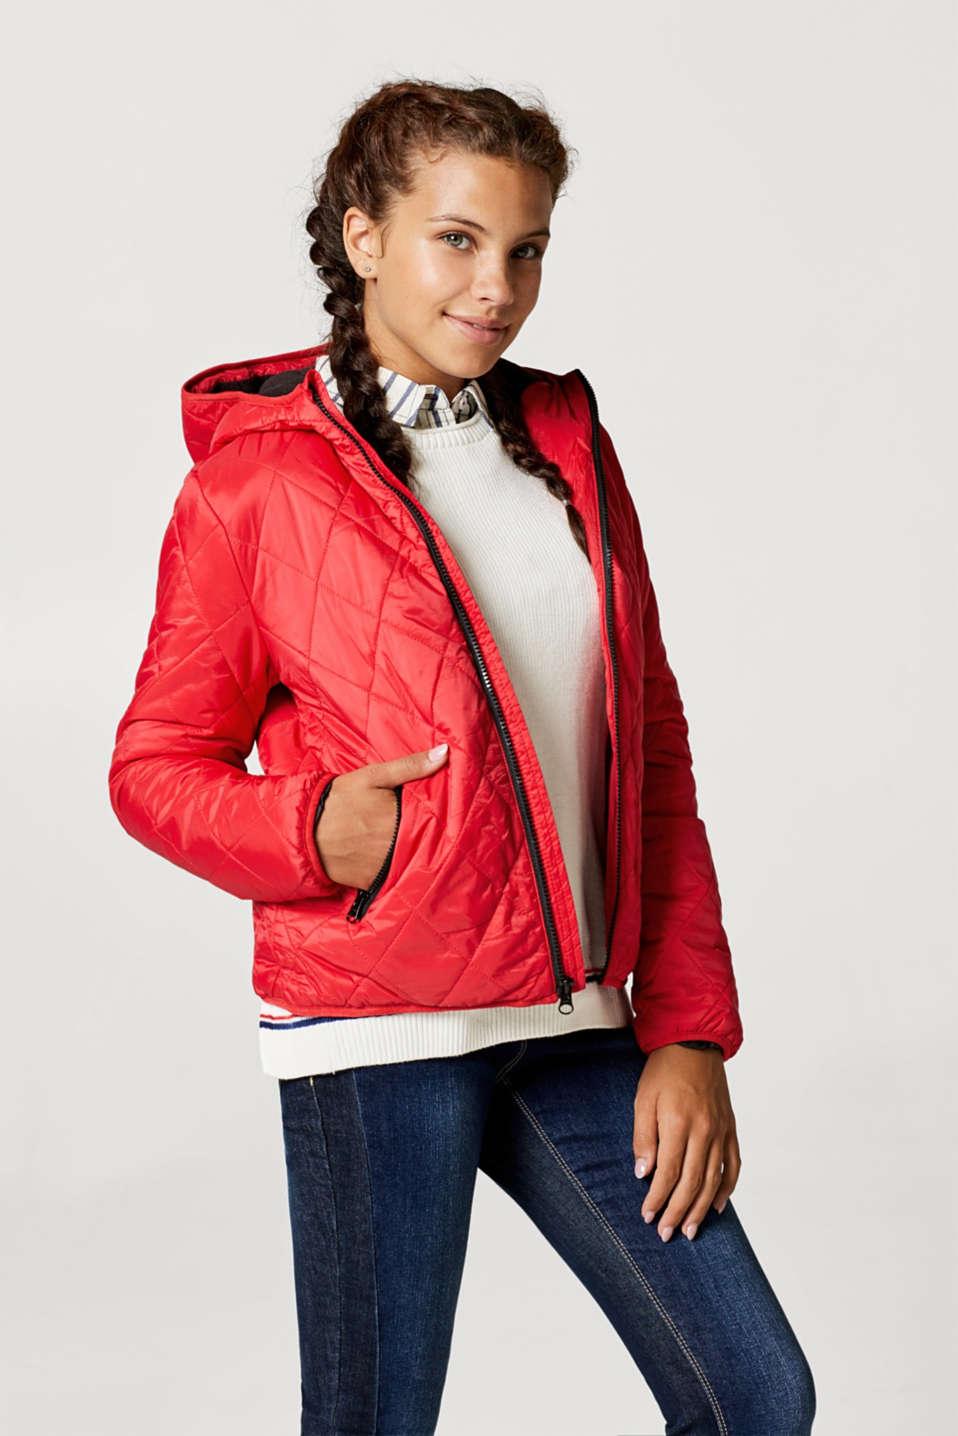 Esprit - Veste matelassée à doublure en polaire à acheter sur la Boutique en ligne